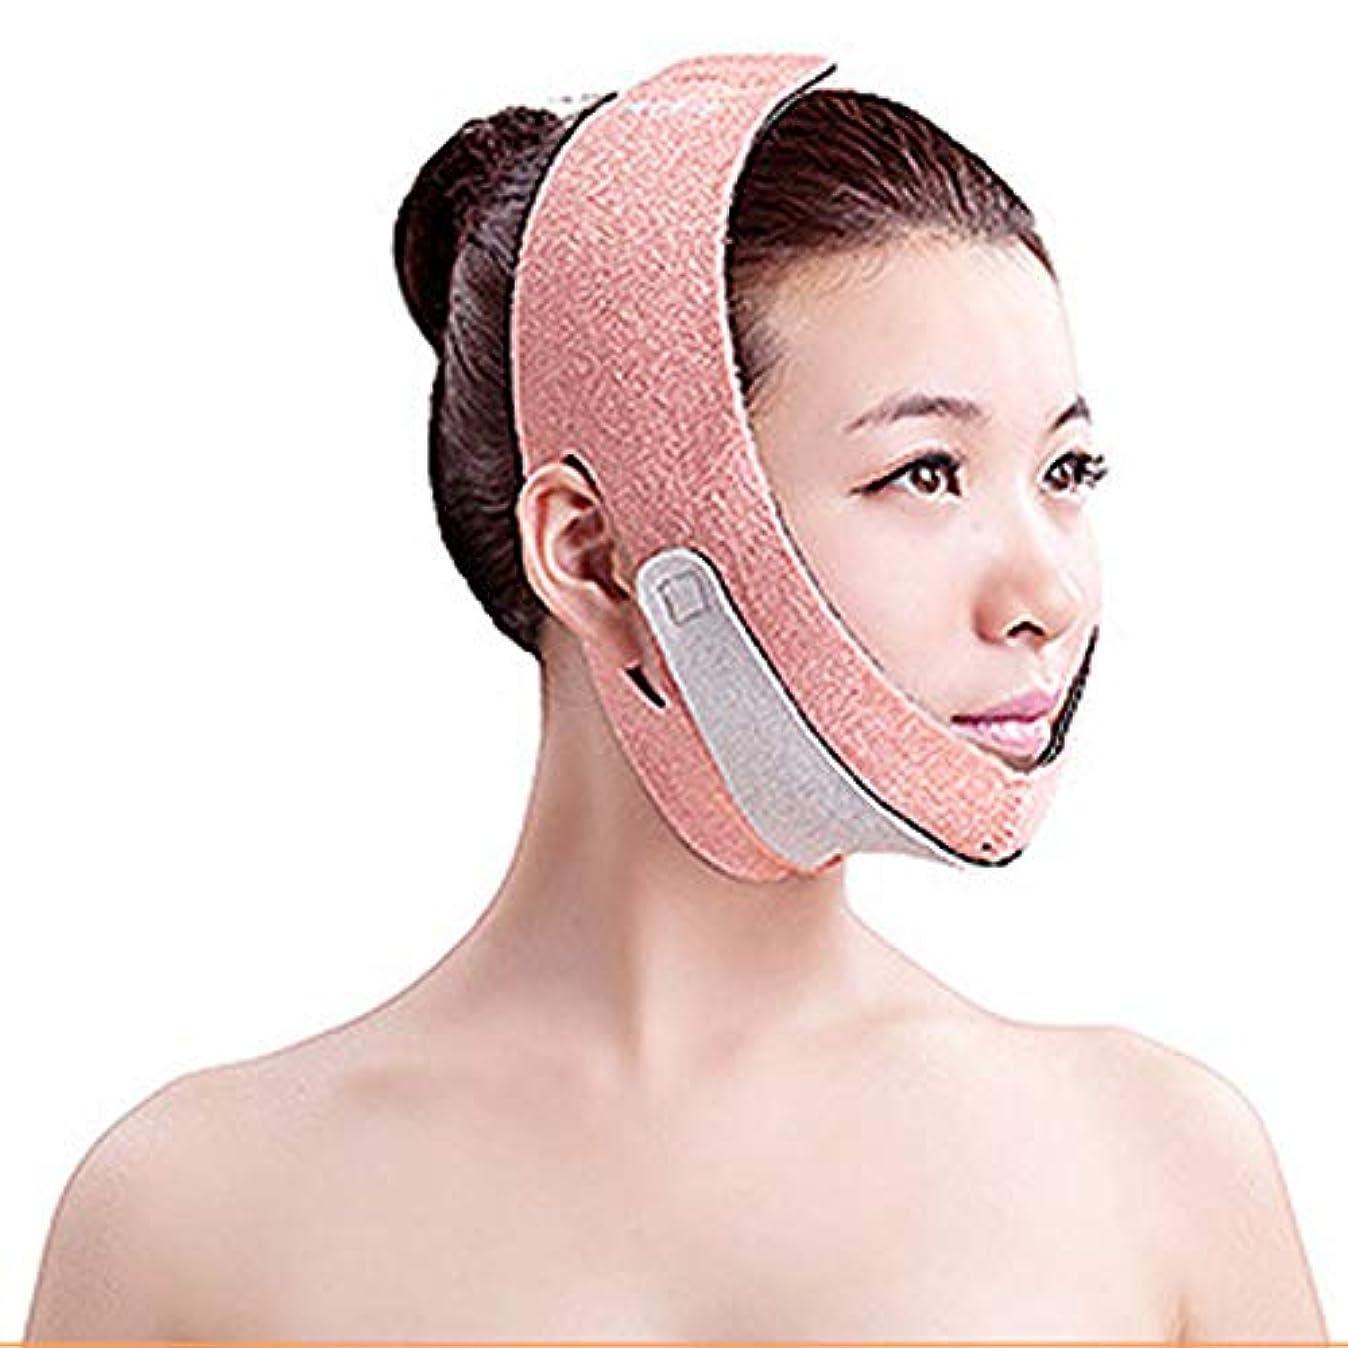 航海のかすれたまもなくV顔の強力な持ち上げツール、修正3D改装リフティング包帯二重あごの女性の抗しわの美しさフェイスリフティングアーティファクト睡眠包帯薄い顔二重あご無料呼吸,Orange